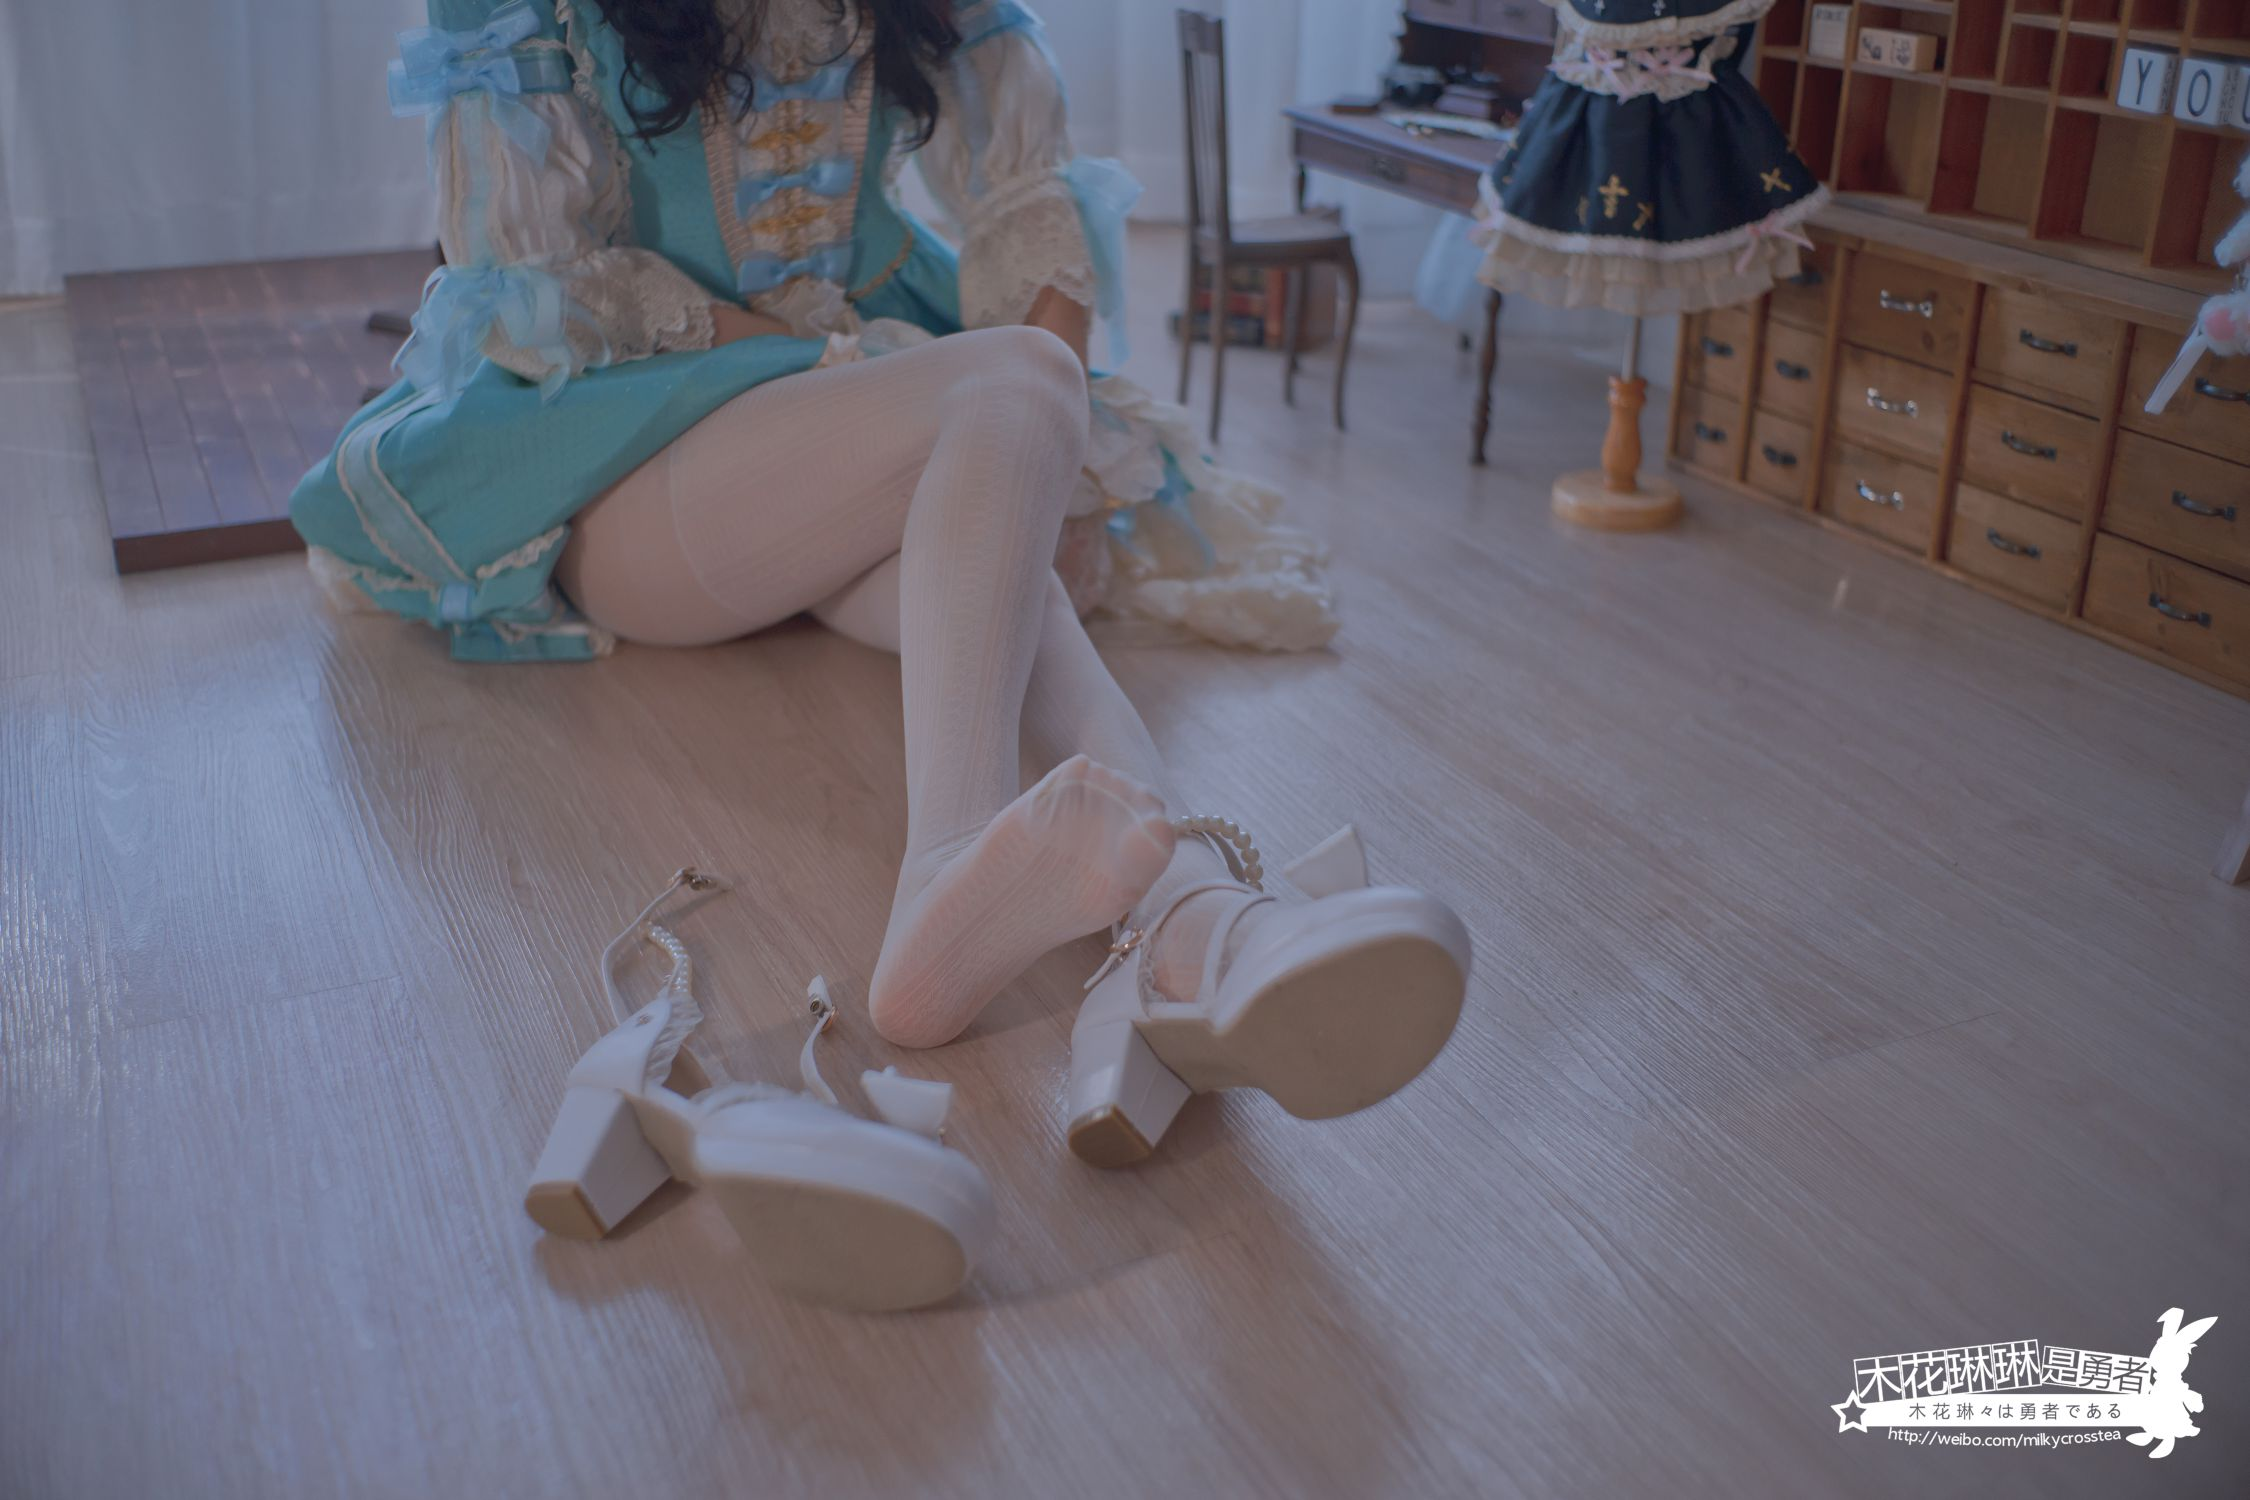 少女midori-01446.jpg